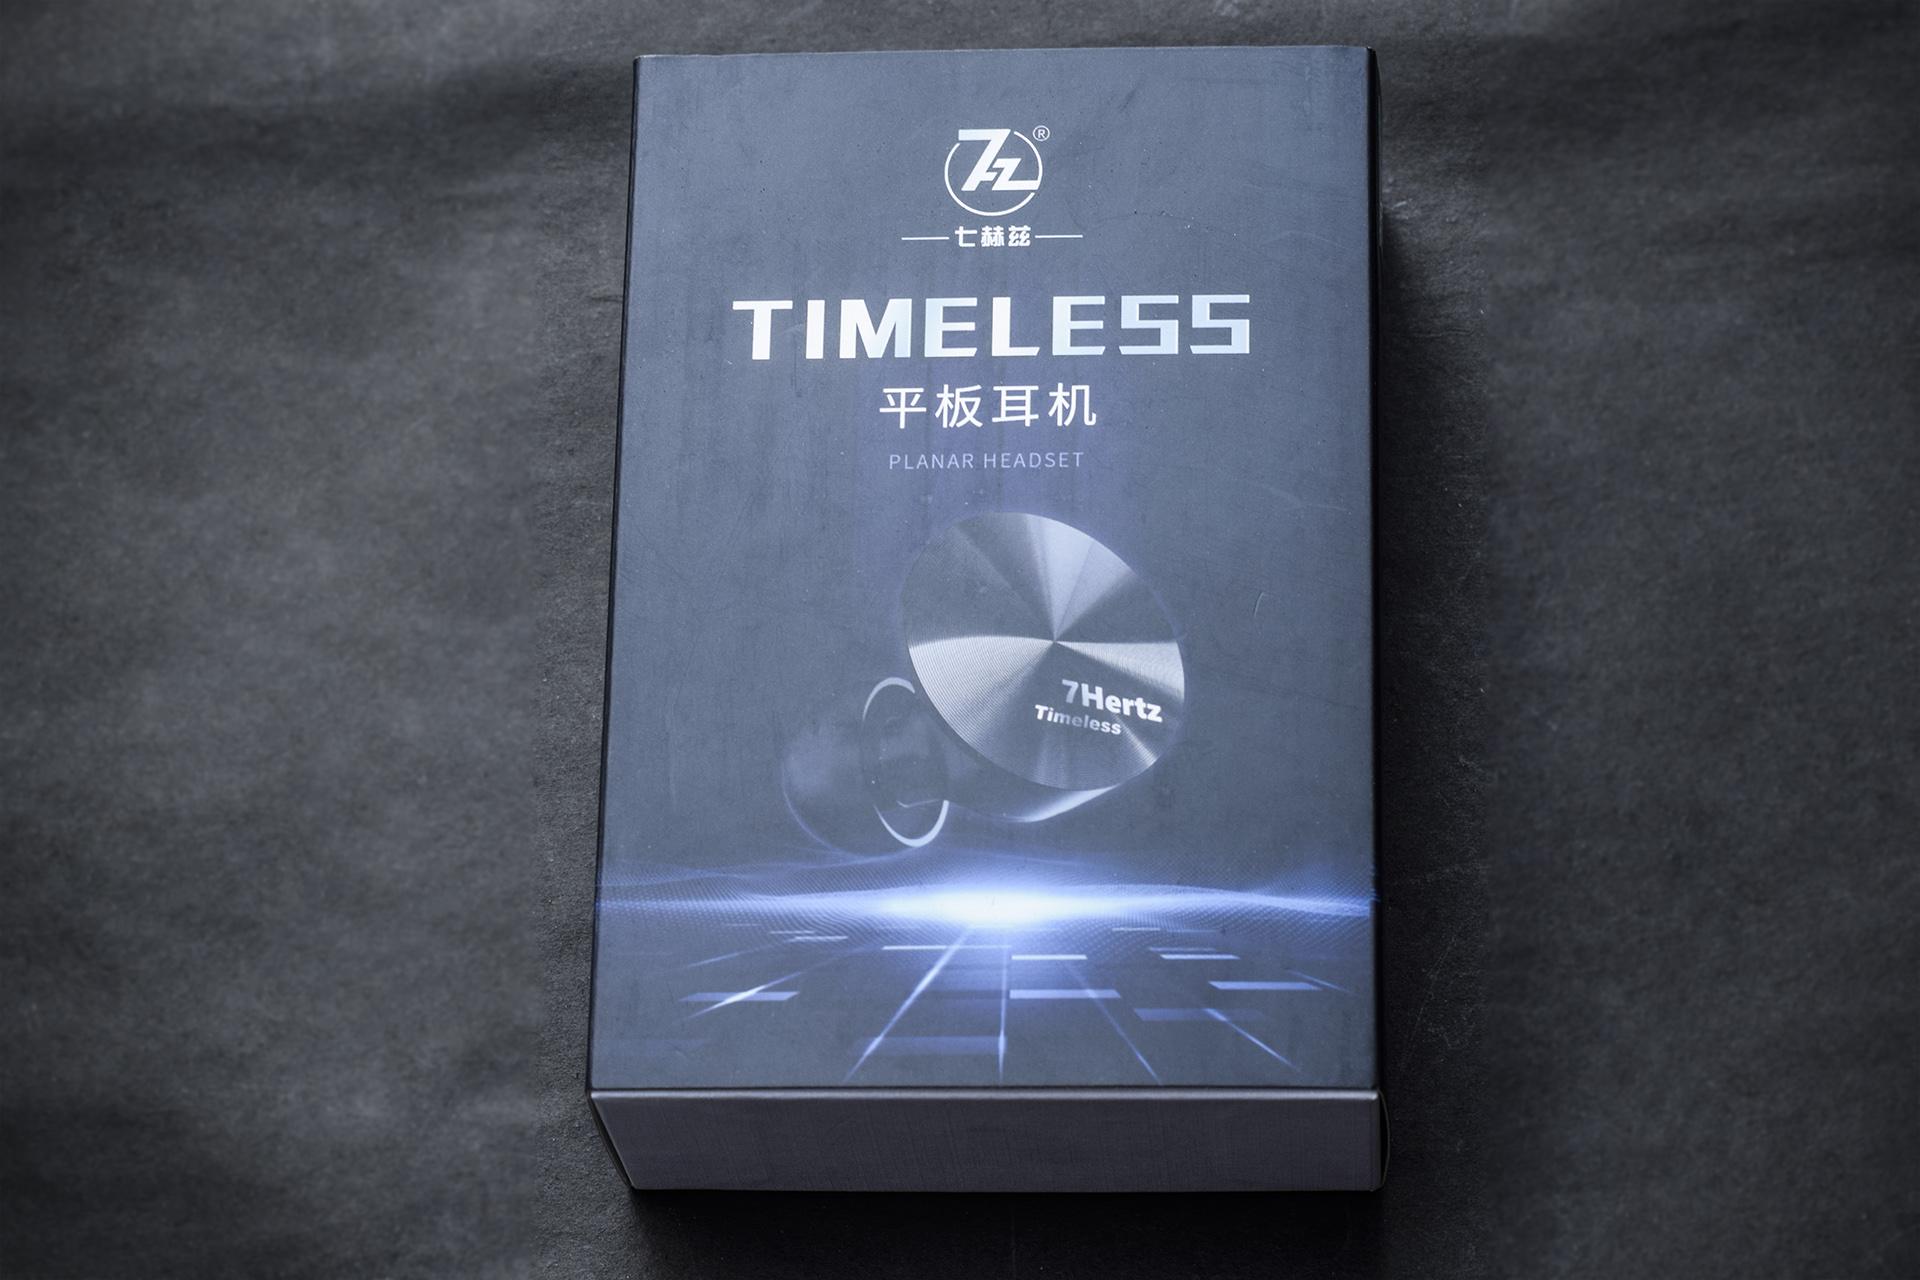 7Hz Timeless-2